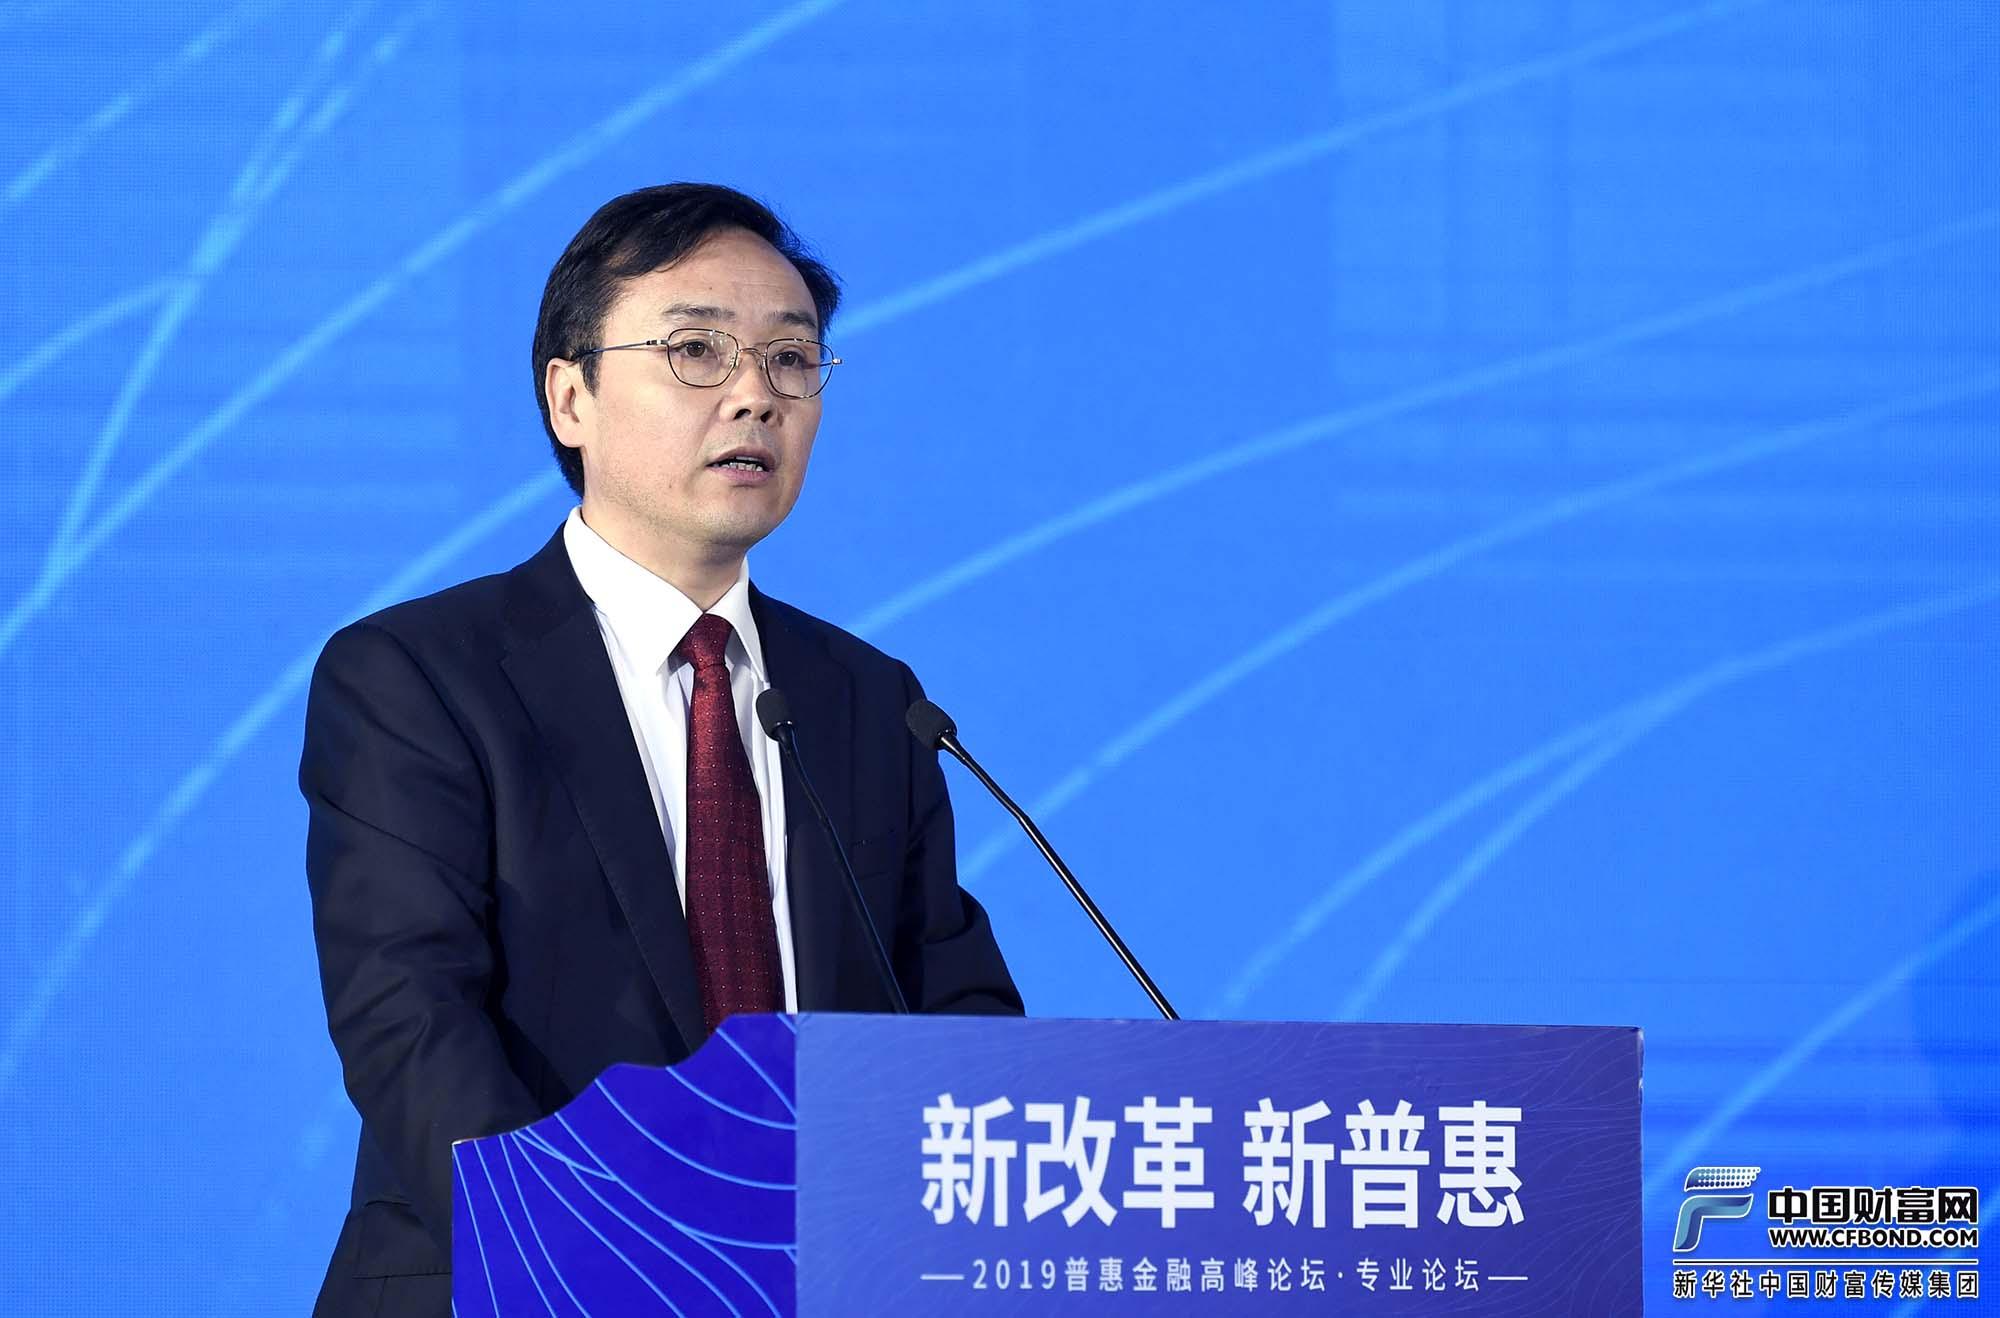 专业论坛一:新改革 新普惠   主持人:经济参考报社副总编辑王恒涛